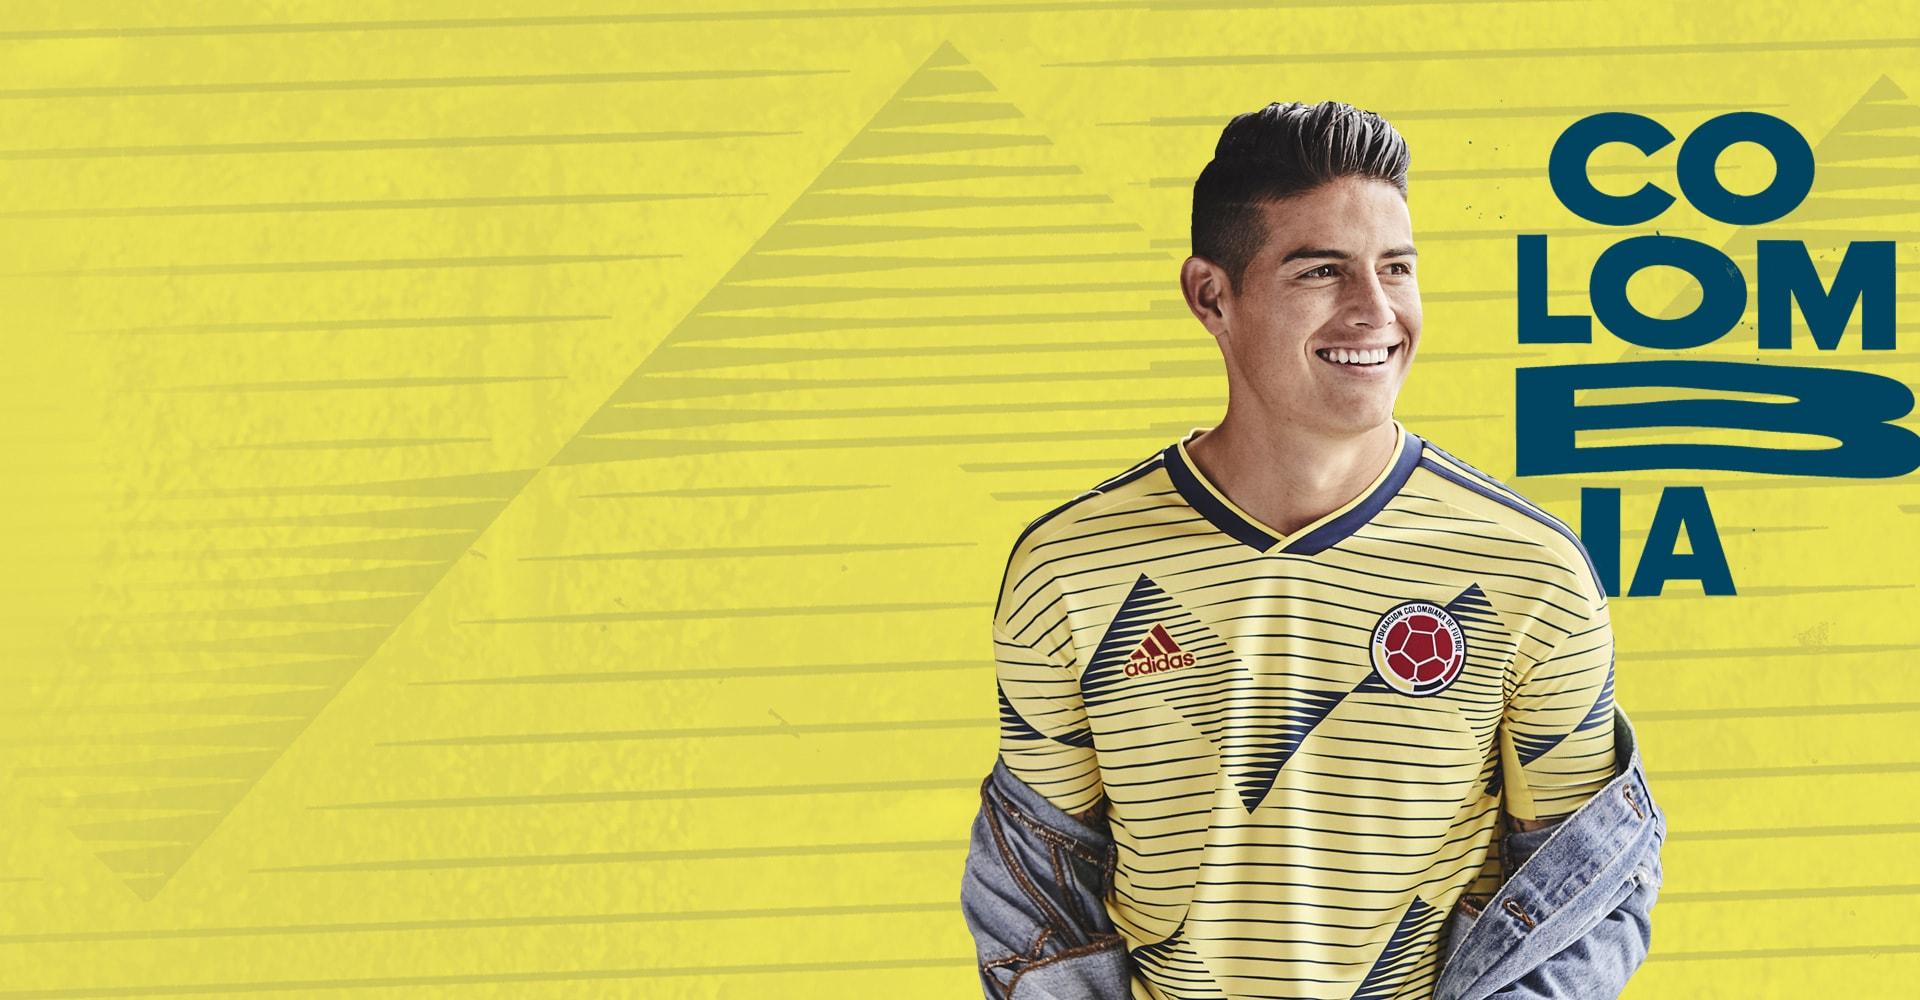 flauta mejilla gas  Adidas presenta la nueva camisa de la Selección Colombia - SportsEco.com